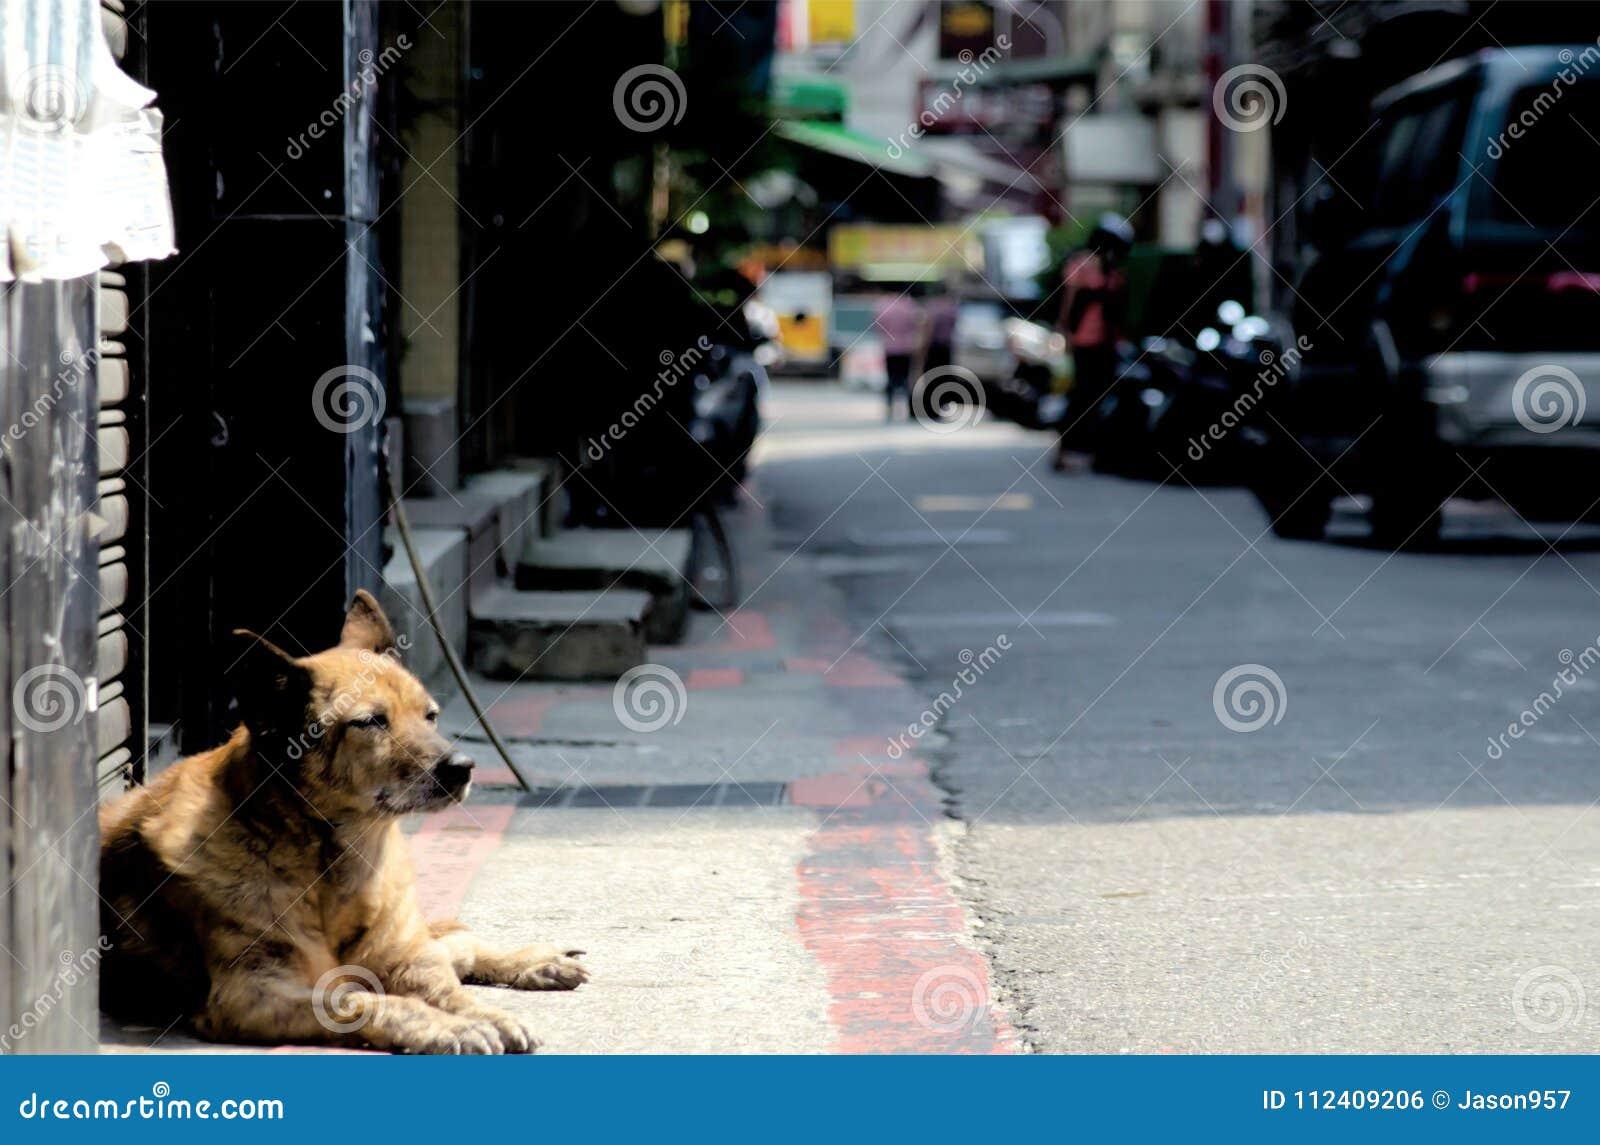 流浪狗在台湾在街道上睡觉在台北,台湾 台湾` s在冬天期间,是否是热带的,并且不下雪